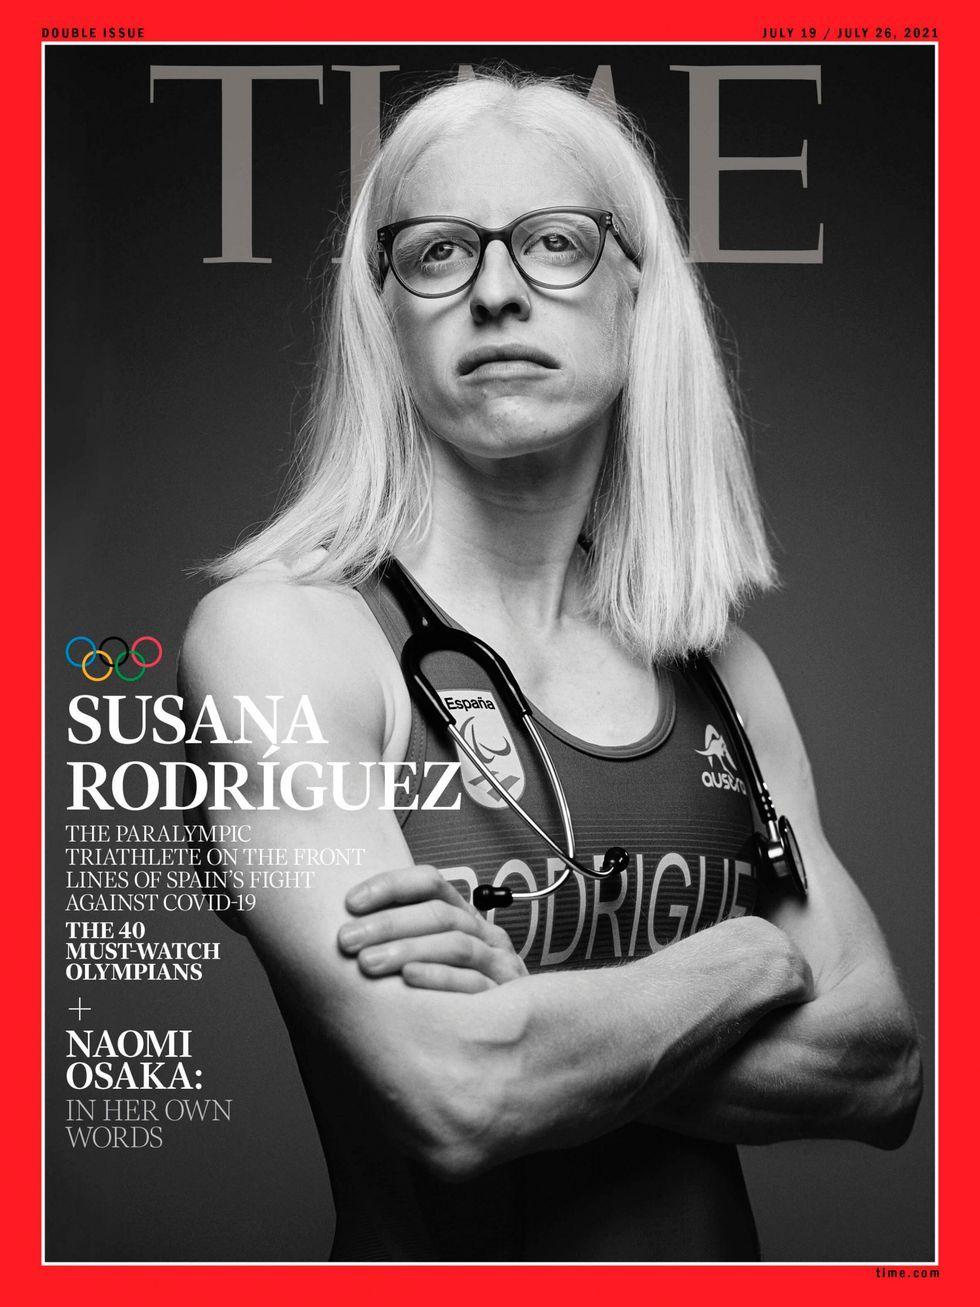 Portada de la revista Time en donde aparece la atleta Susana Rodríguez, con albinismo, en blanco y negro. Aparece con ropa deportiva y sobre sus hombros lleva un estetoscopio. Susana lleva gafas debido a su baja visión (menos de un 10%).